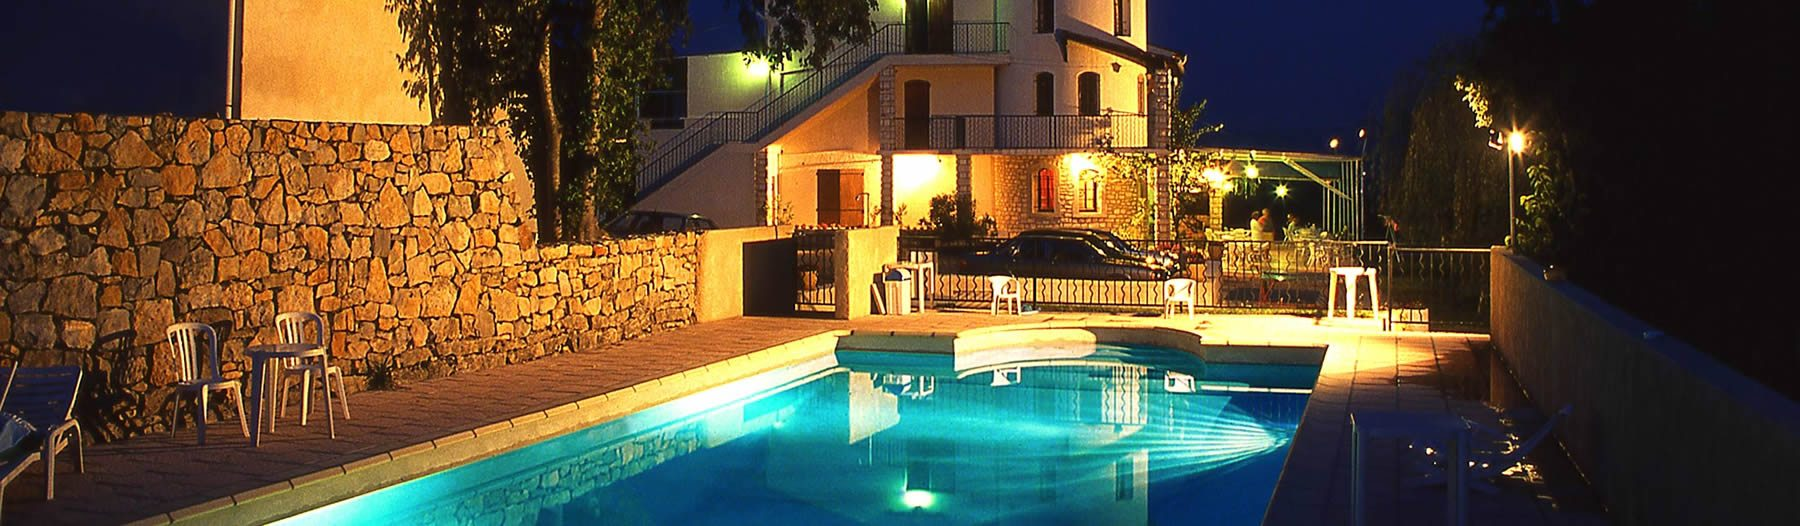 Hôtel Relais de la Vignasse